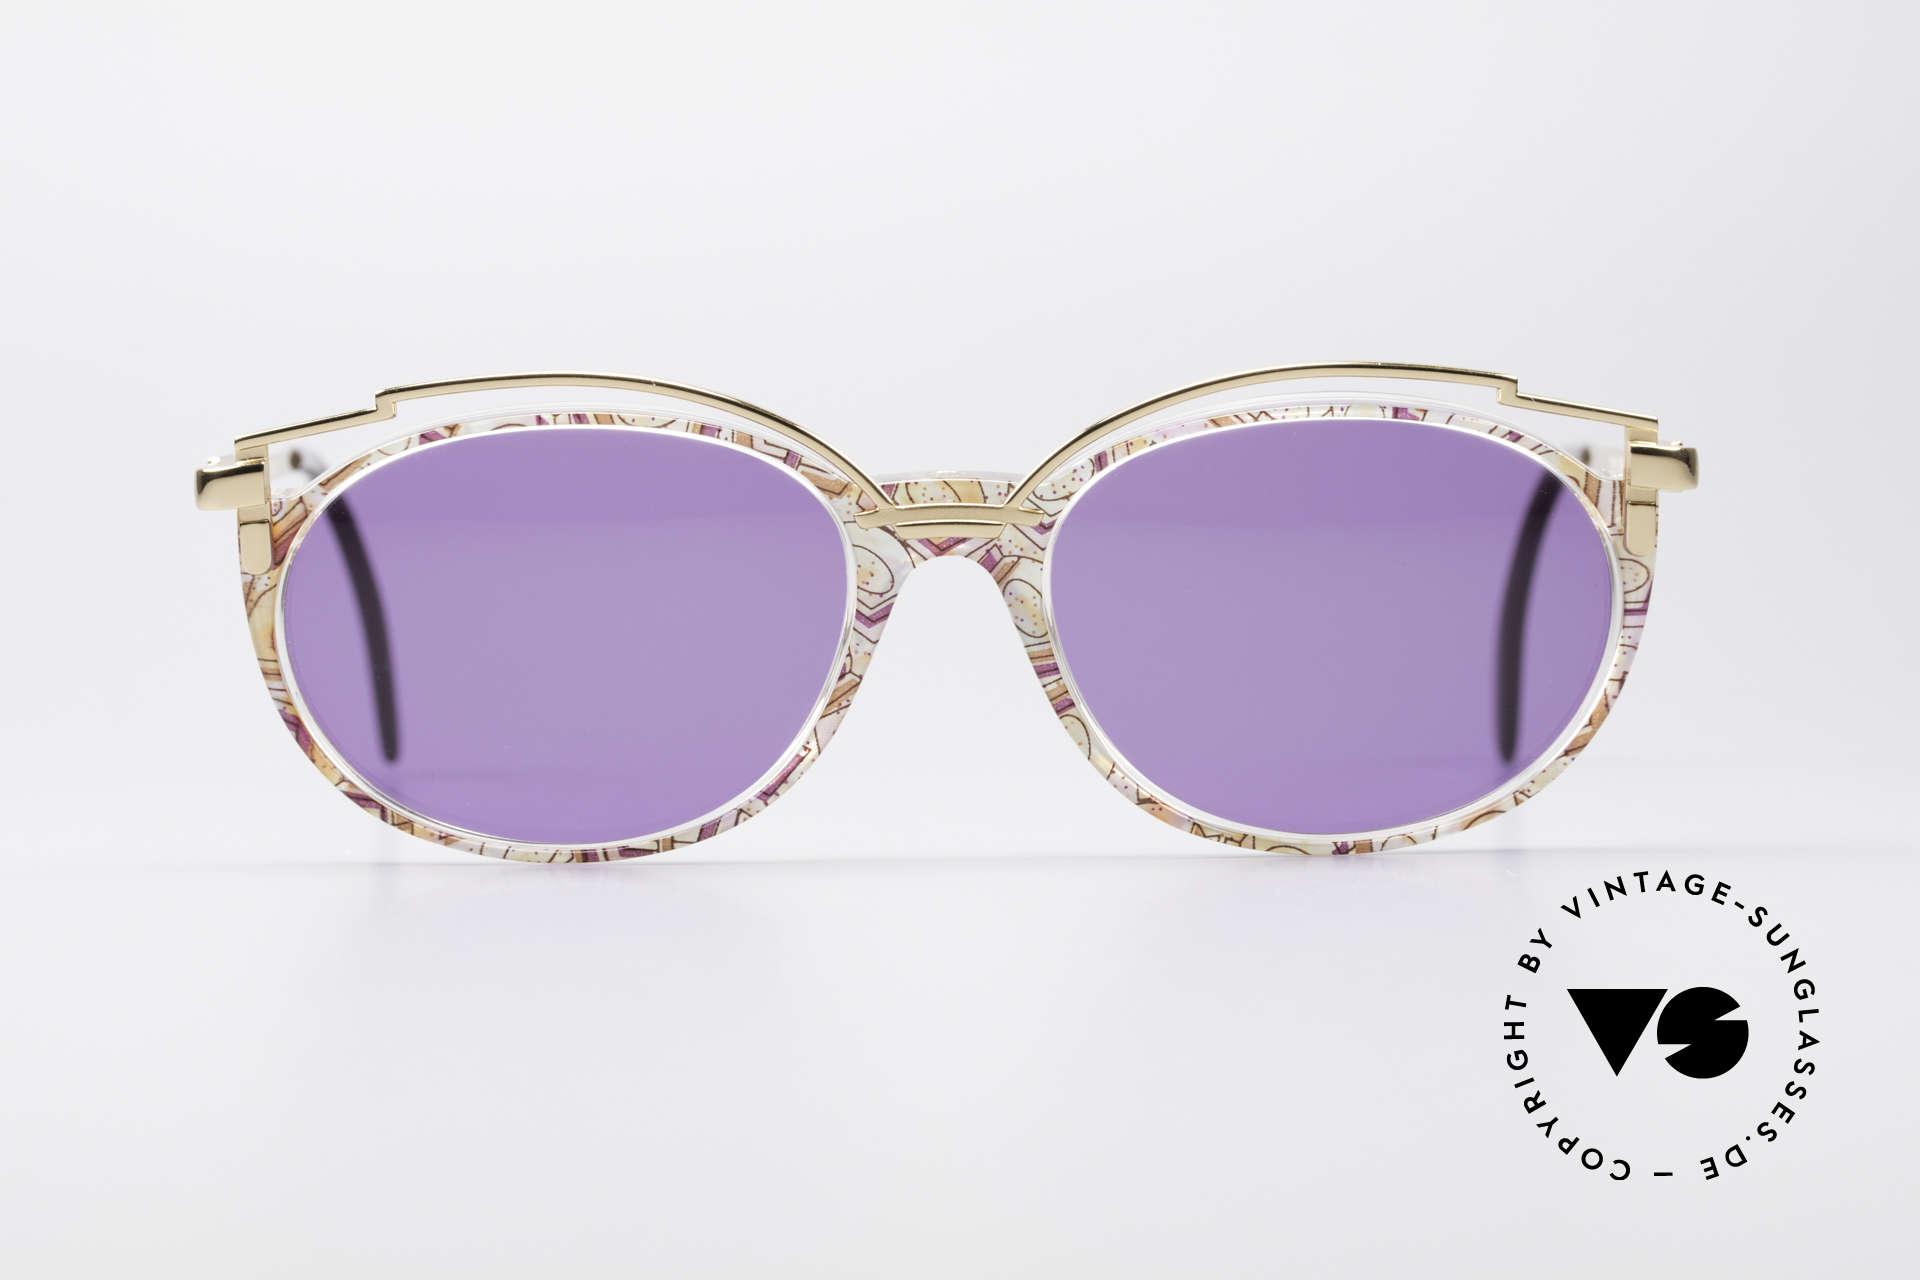 Cazal 358 Rare 90er Vintage Sonnenbrille, elegante Verzierung oberhalb des Kunststoff-Rahmens, Passend für Damen